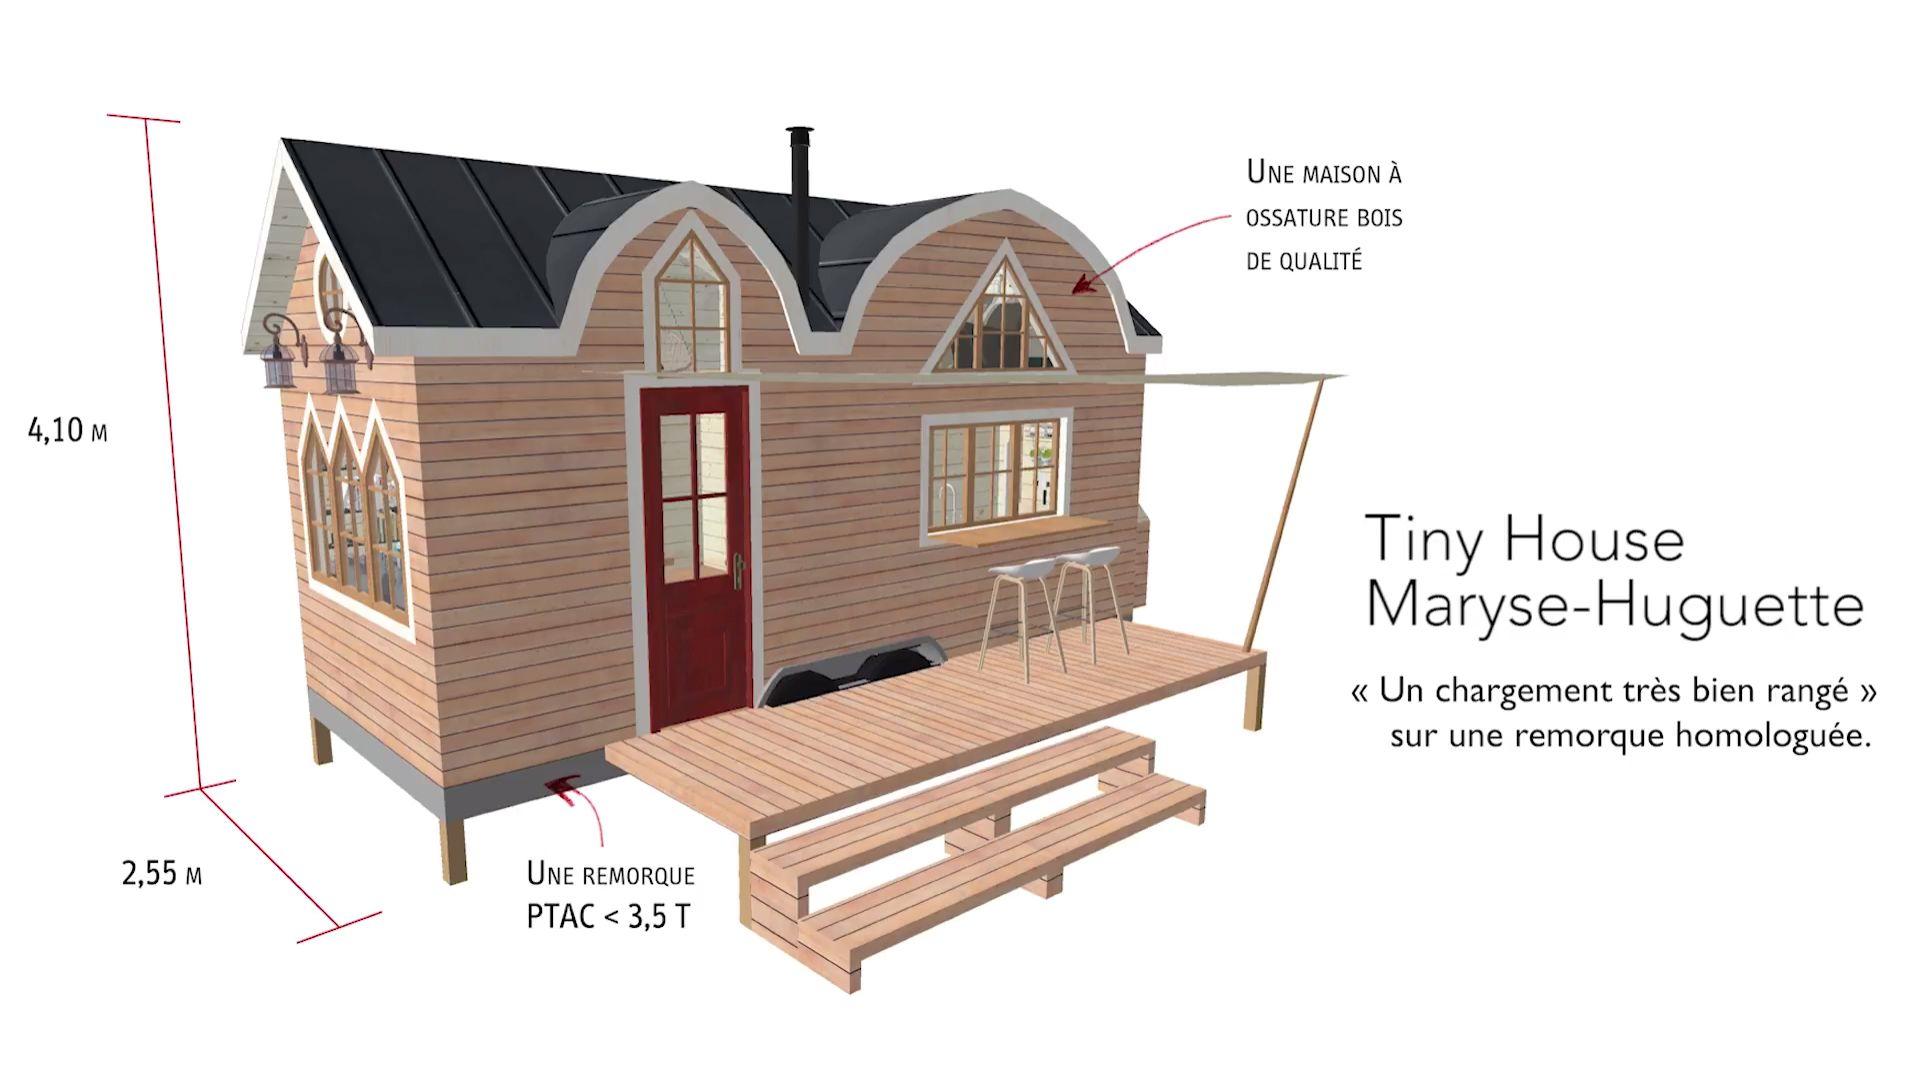 Entreprise de fabrication de la maison qui chemine tiny houses sur mesure dans le périgord constructions nomades à ossature bois habitats insolites et